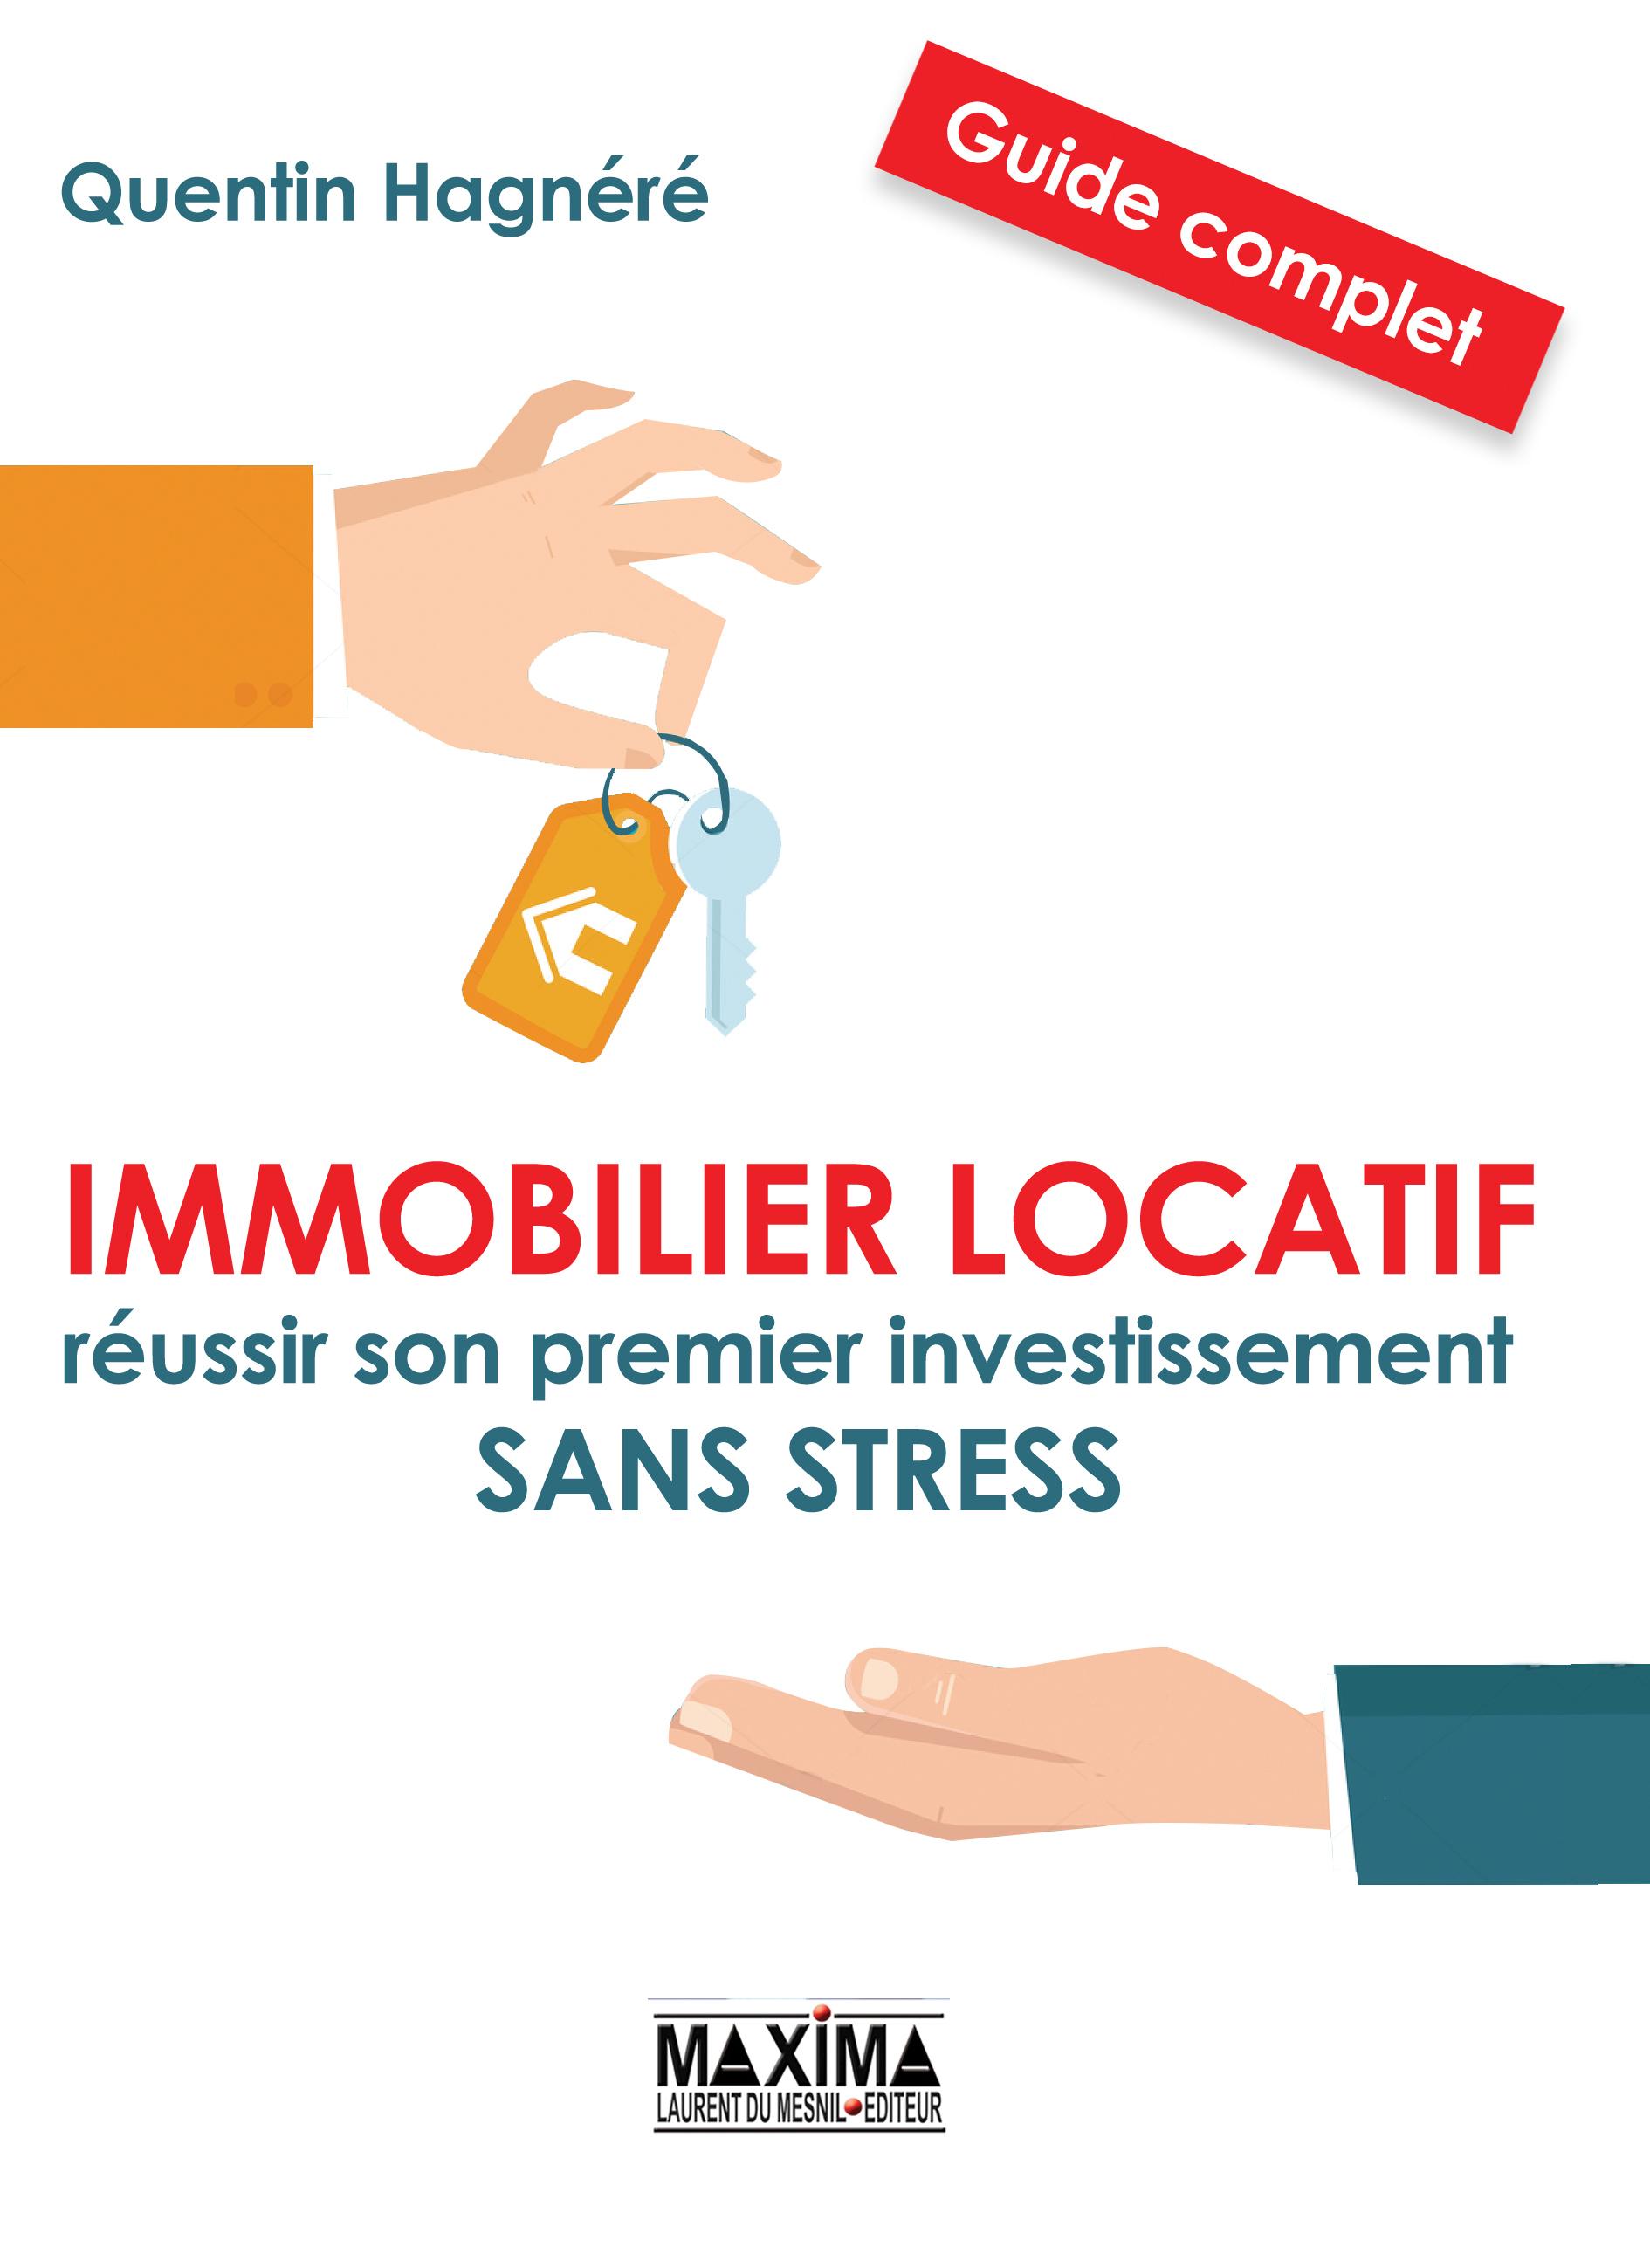 Immobilier locatif : réussir som premier sans stress - Quentin Hagnère